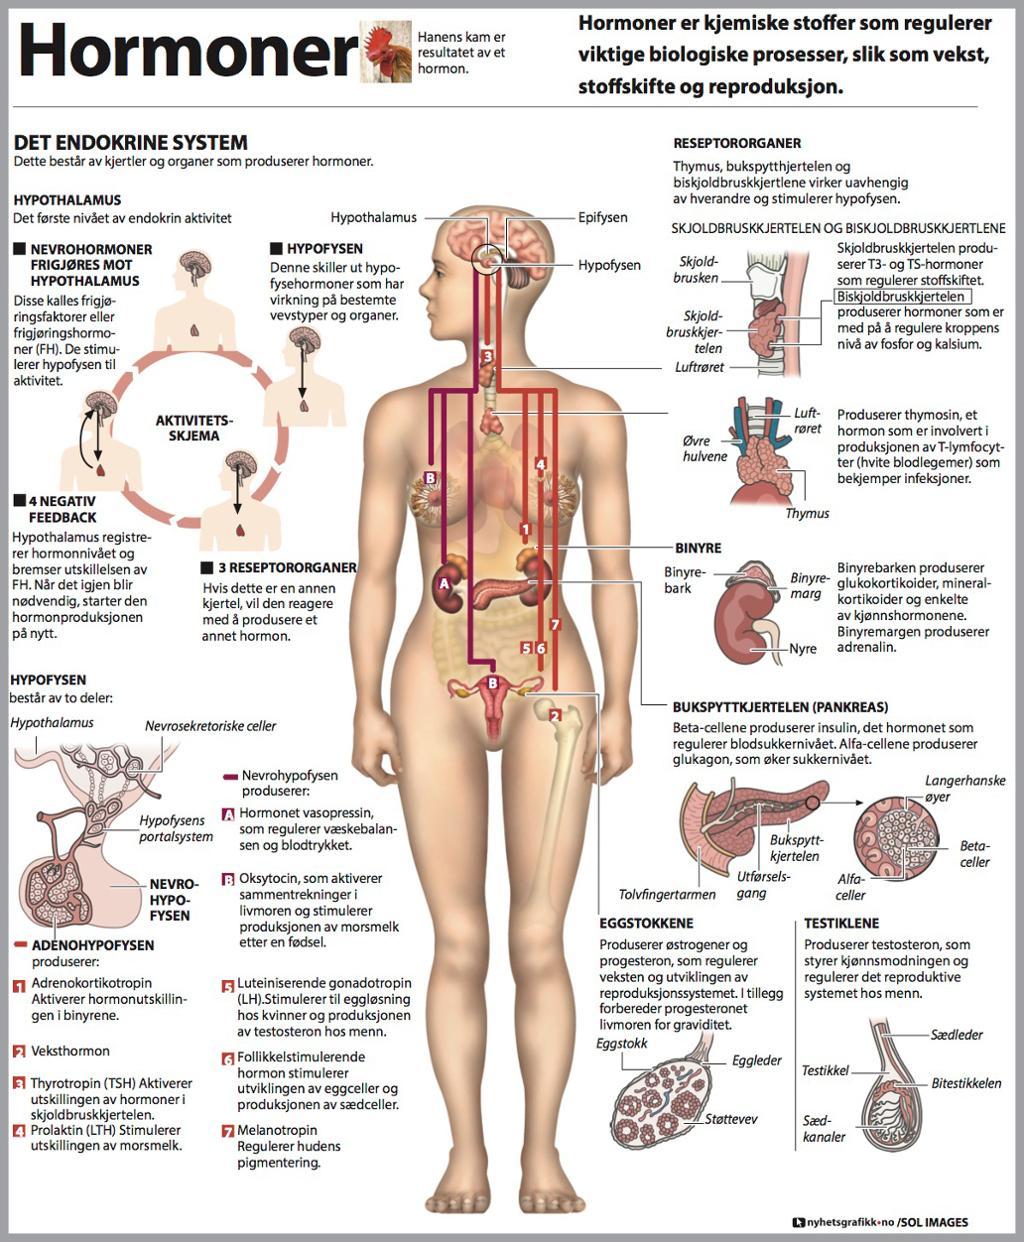 Grafikk om hormoner i menneskekroppen. Grafikk